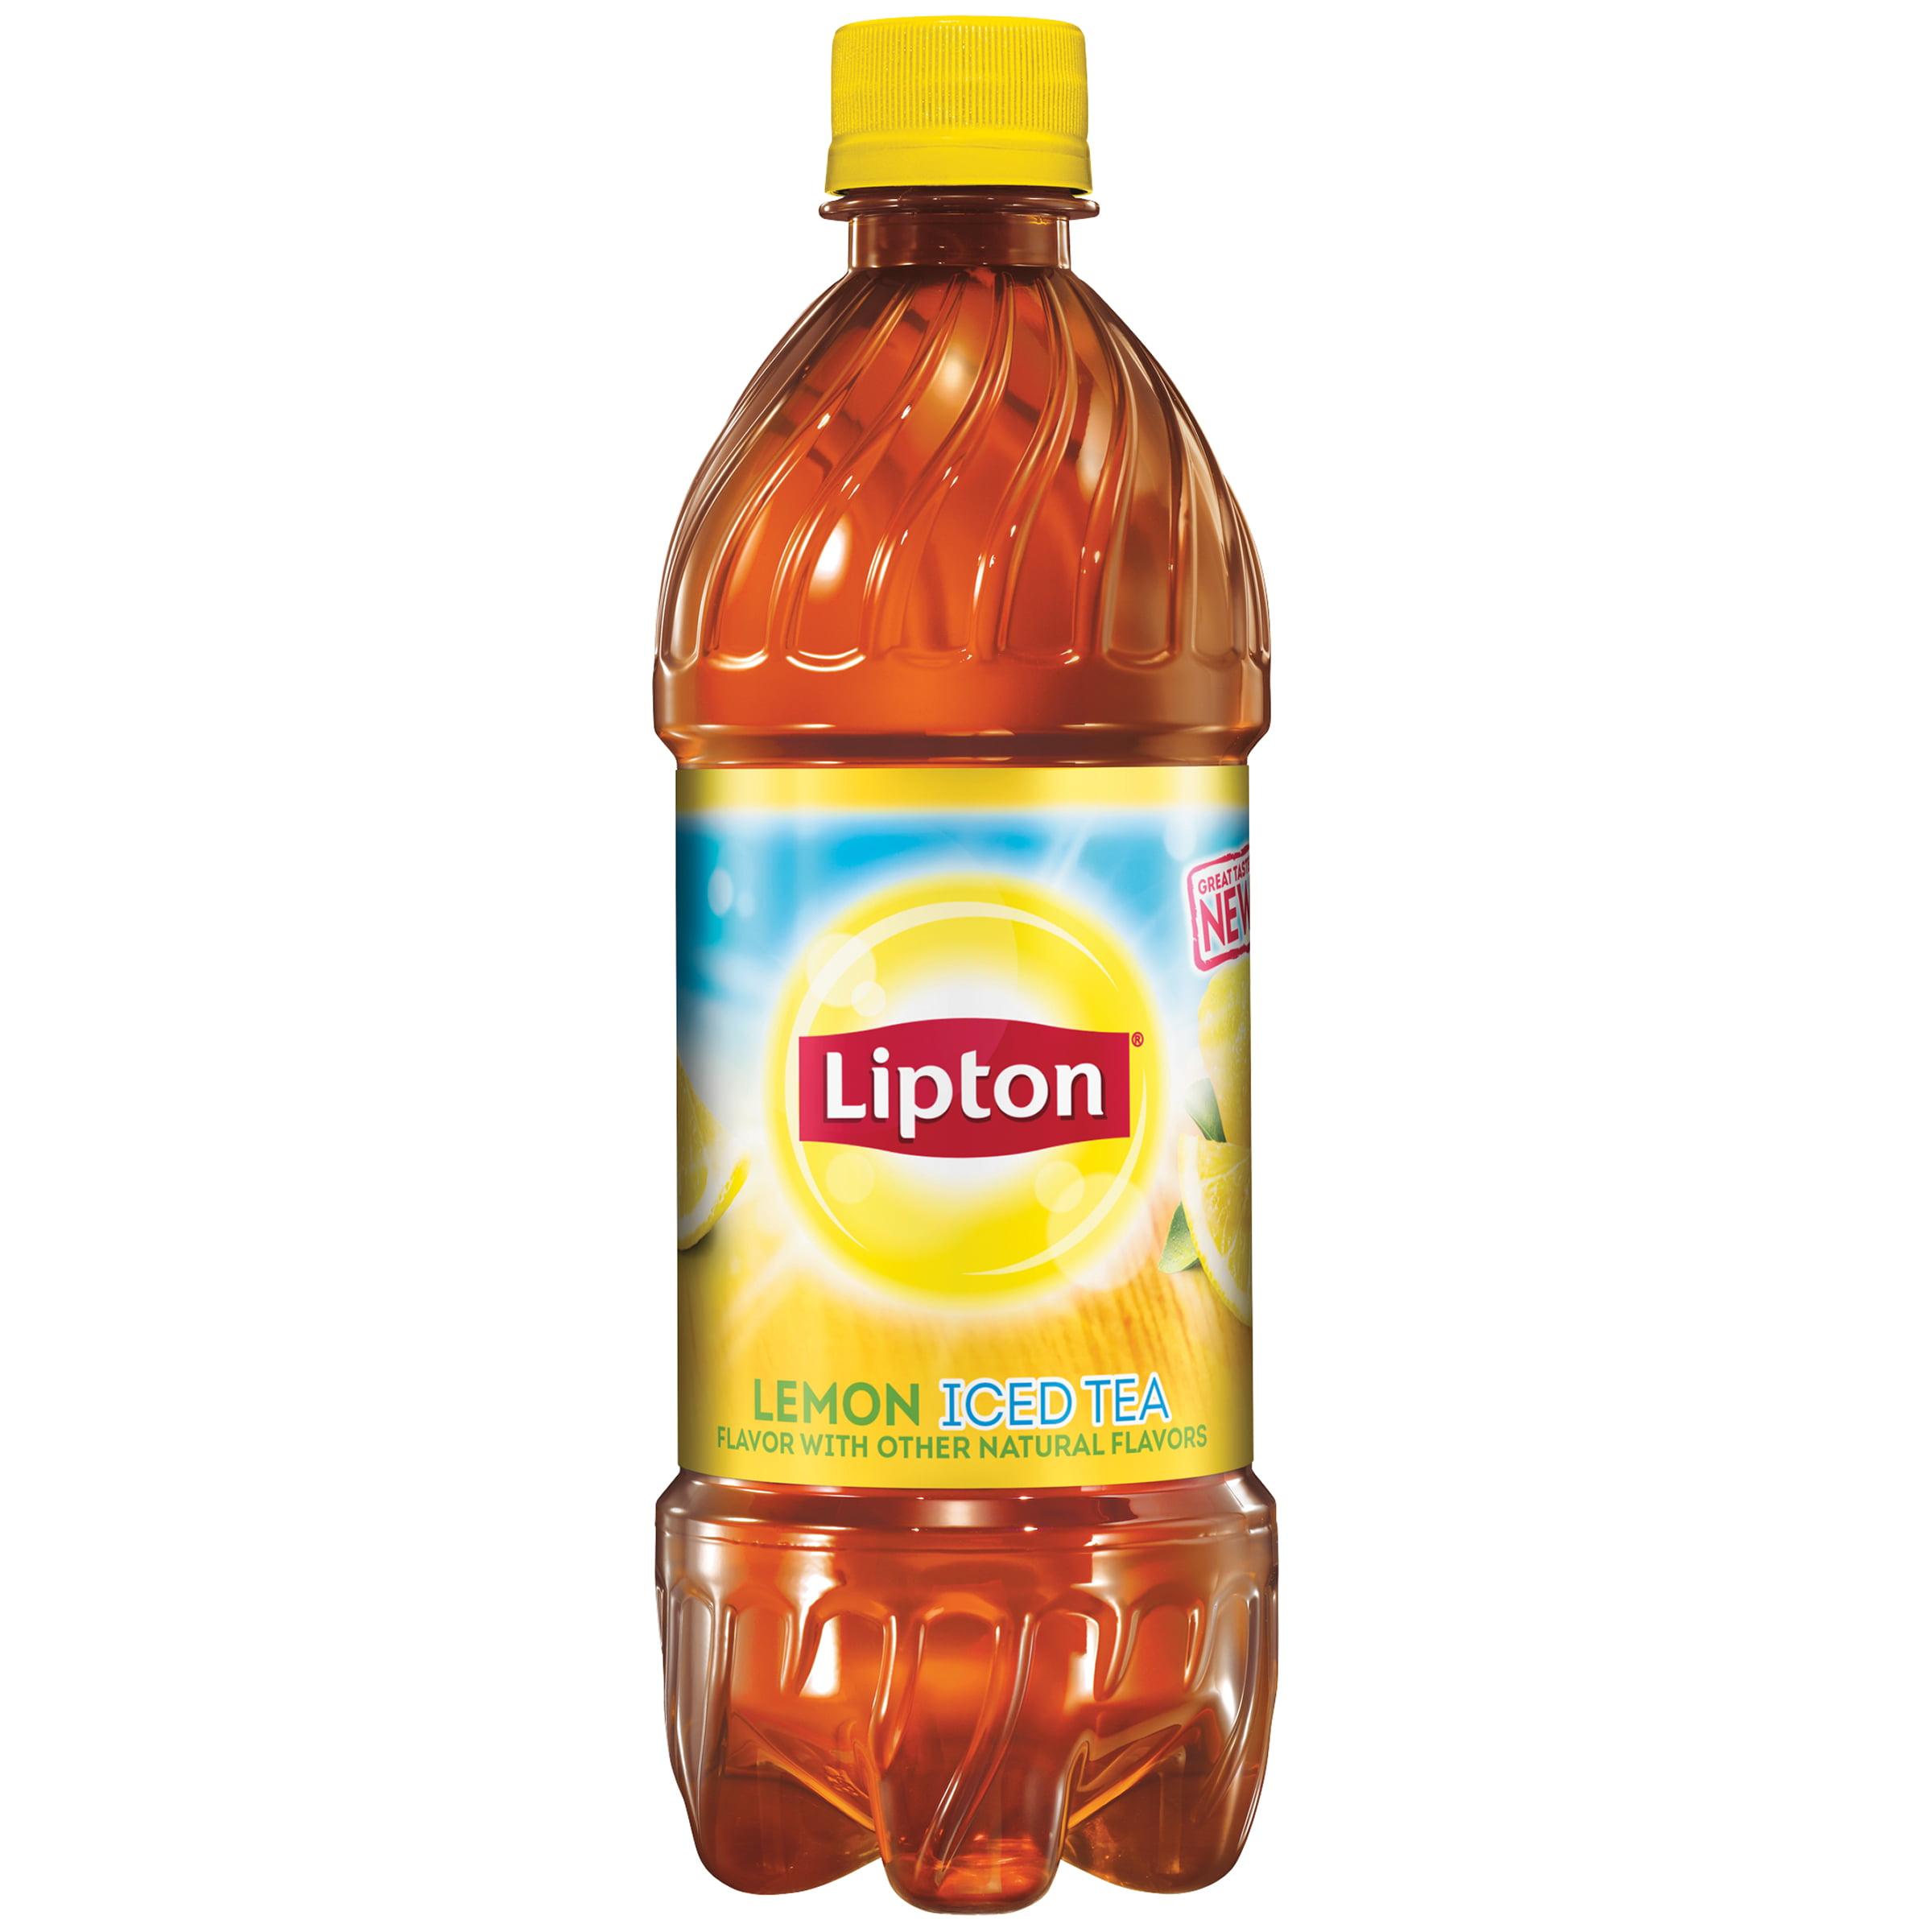 Lipton Lemon Iced Tea 20 fl. oz.